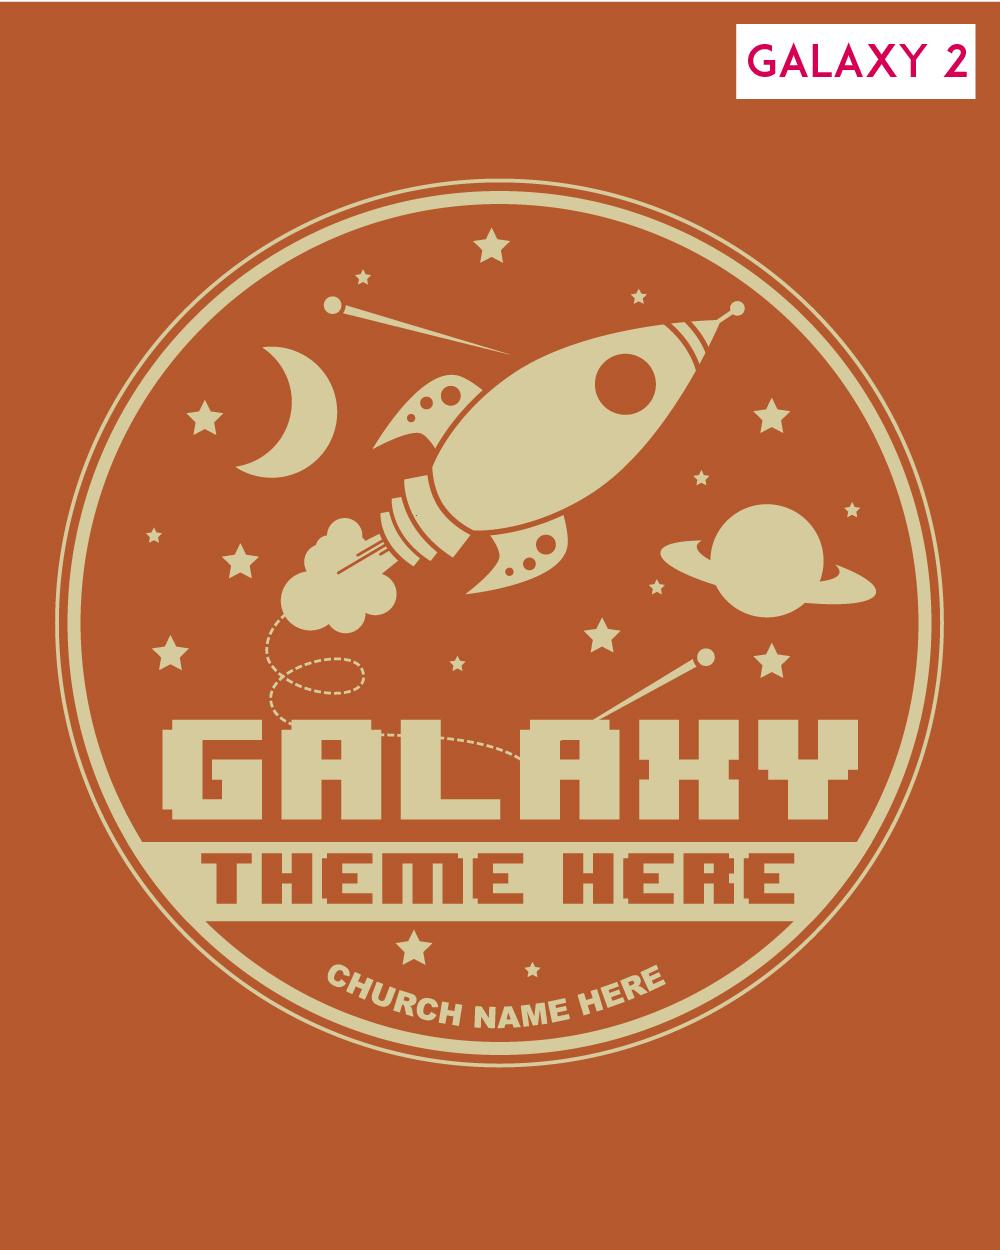 Galaxy 2-02.jpg